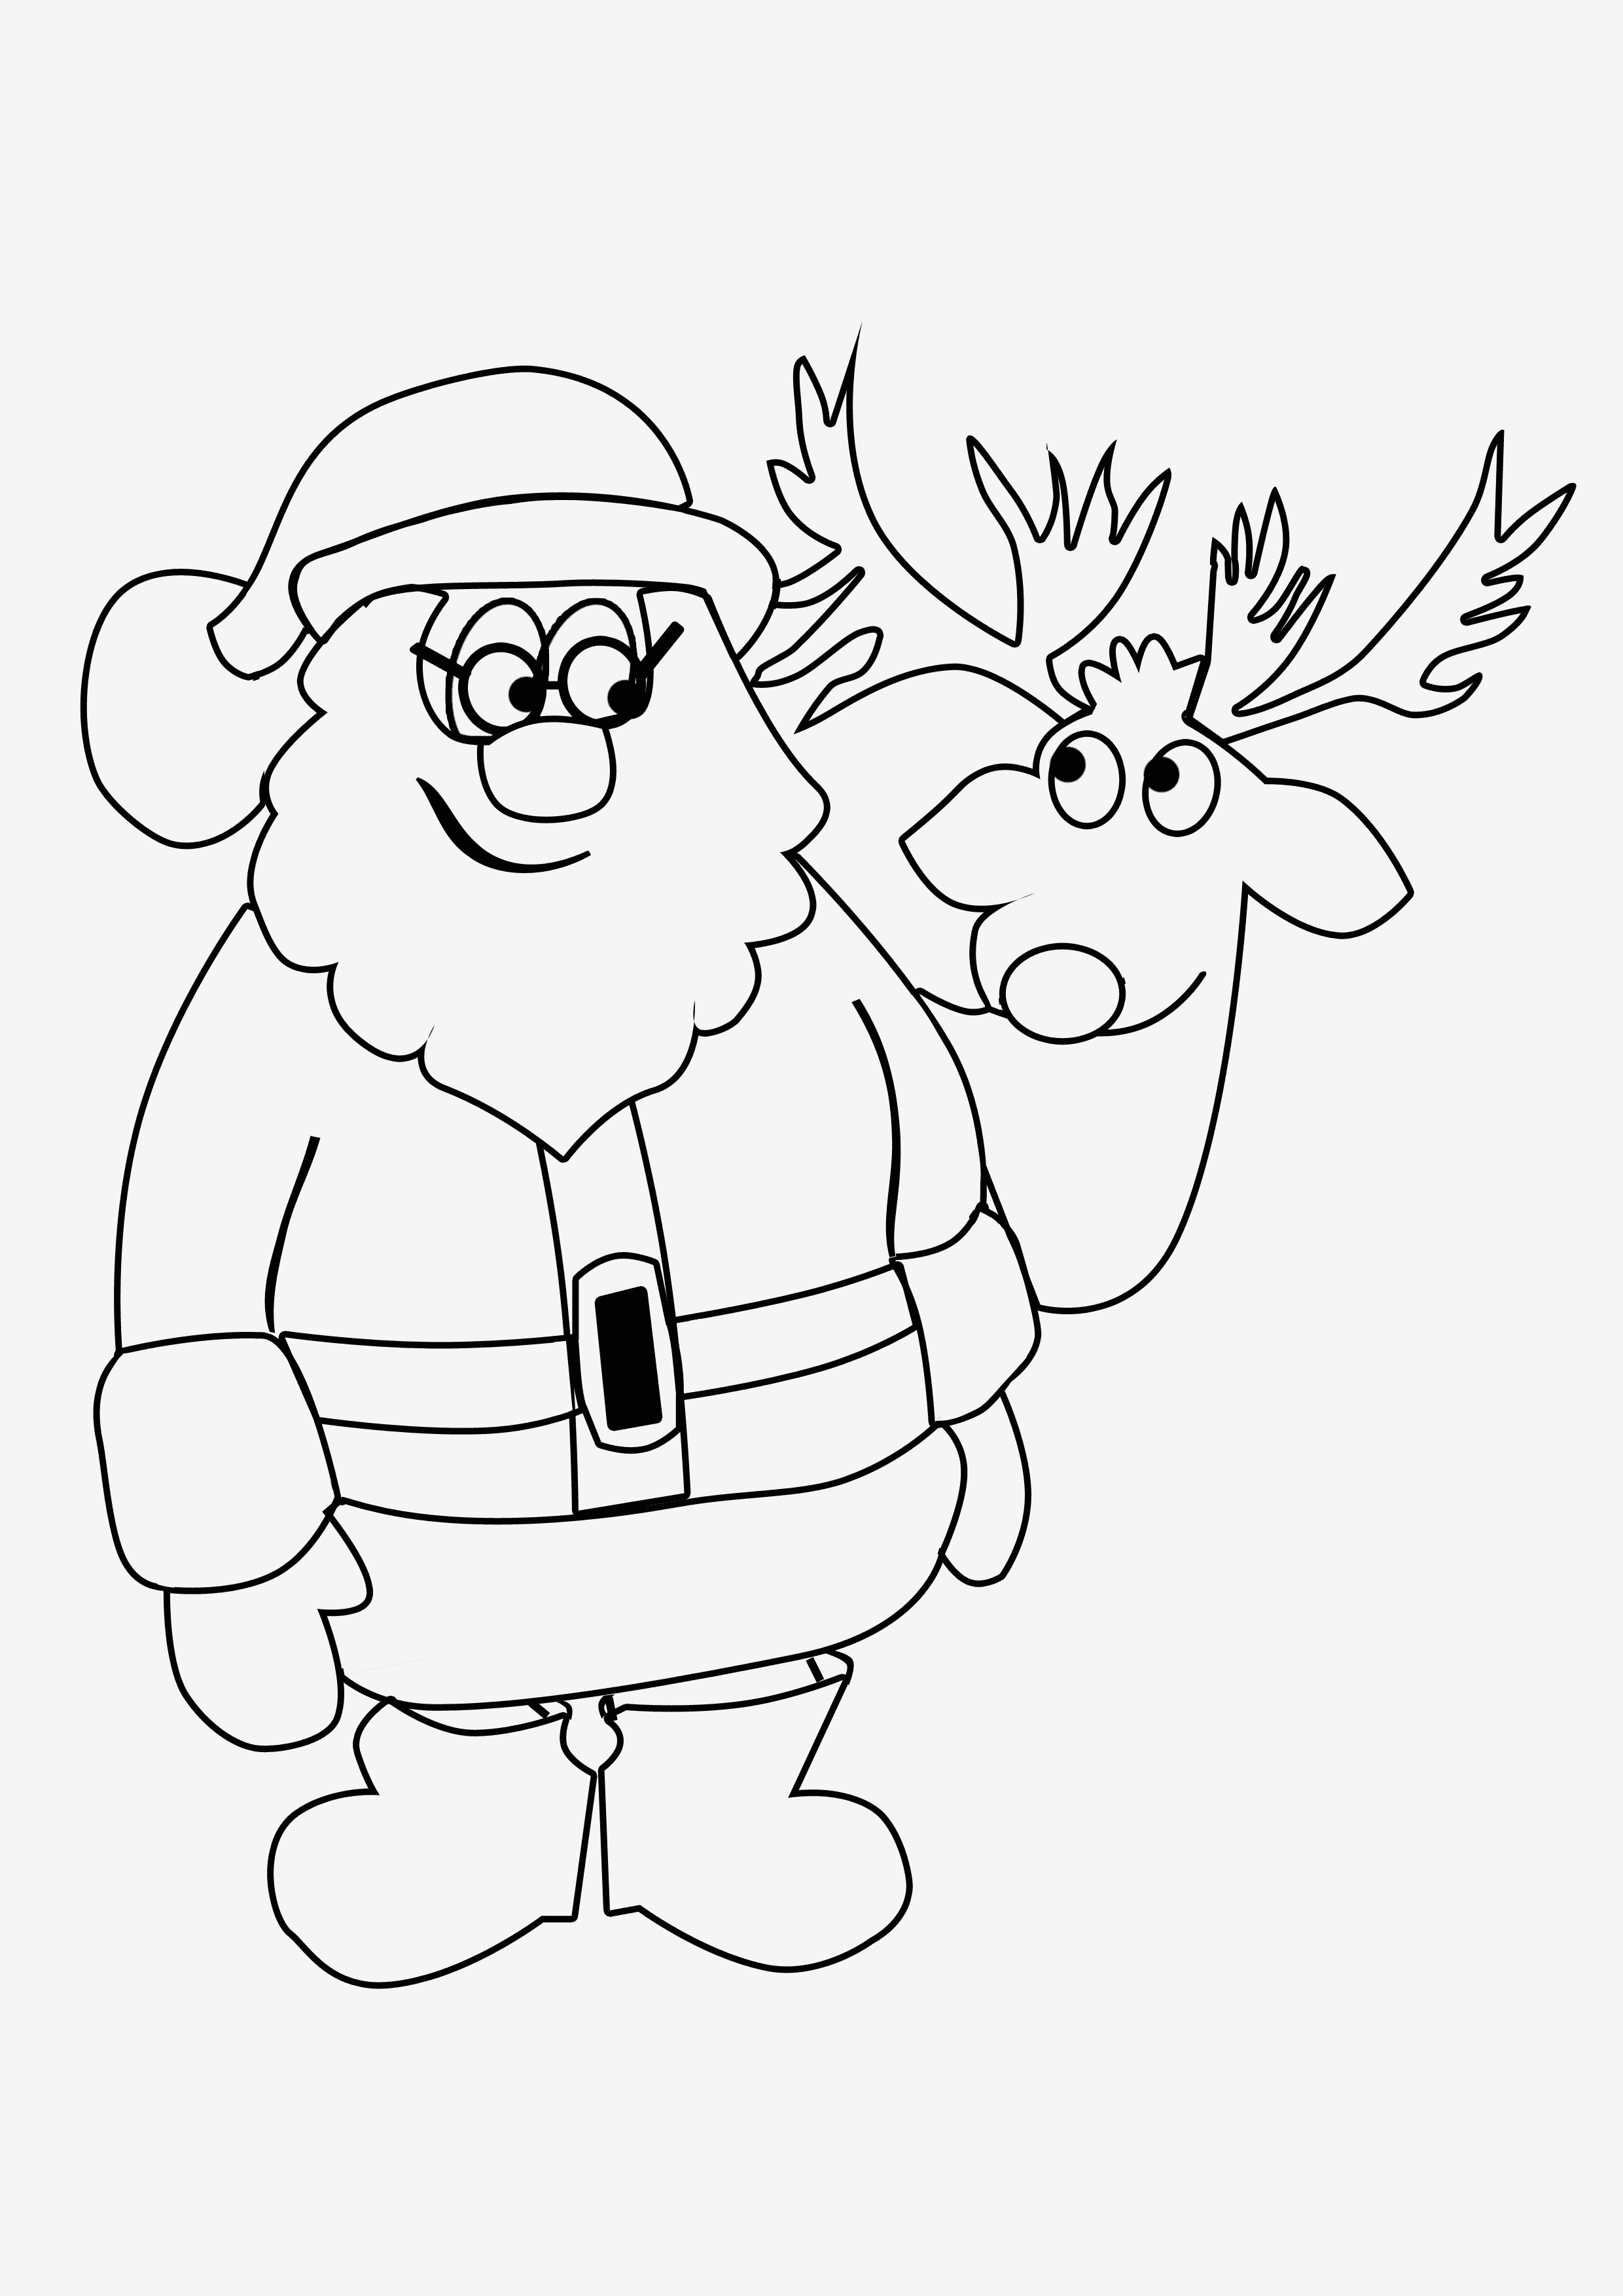 Mensch Zum Ausmalen Neu Bildergalerie & Bilder Zum Ausmalen Weihnachtsbilder Zum Ausmalen Fotos